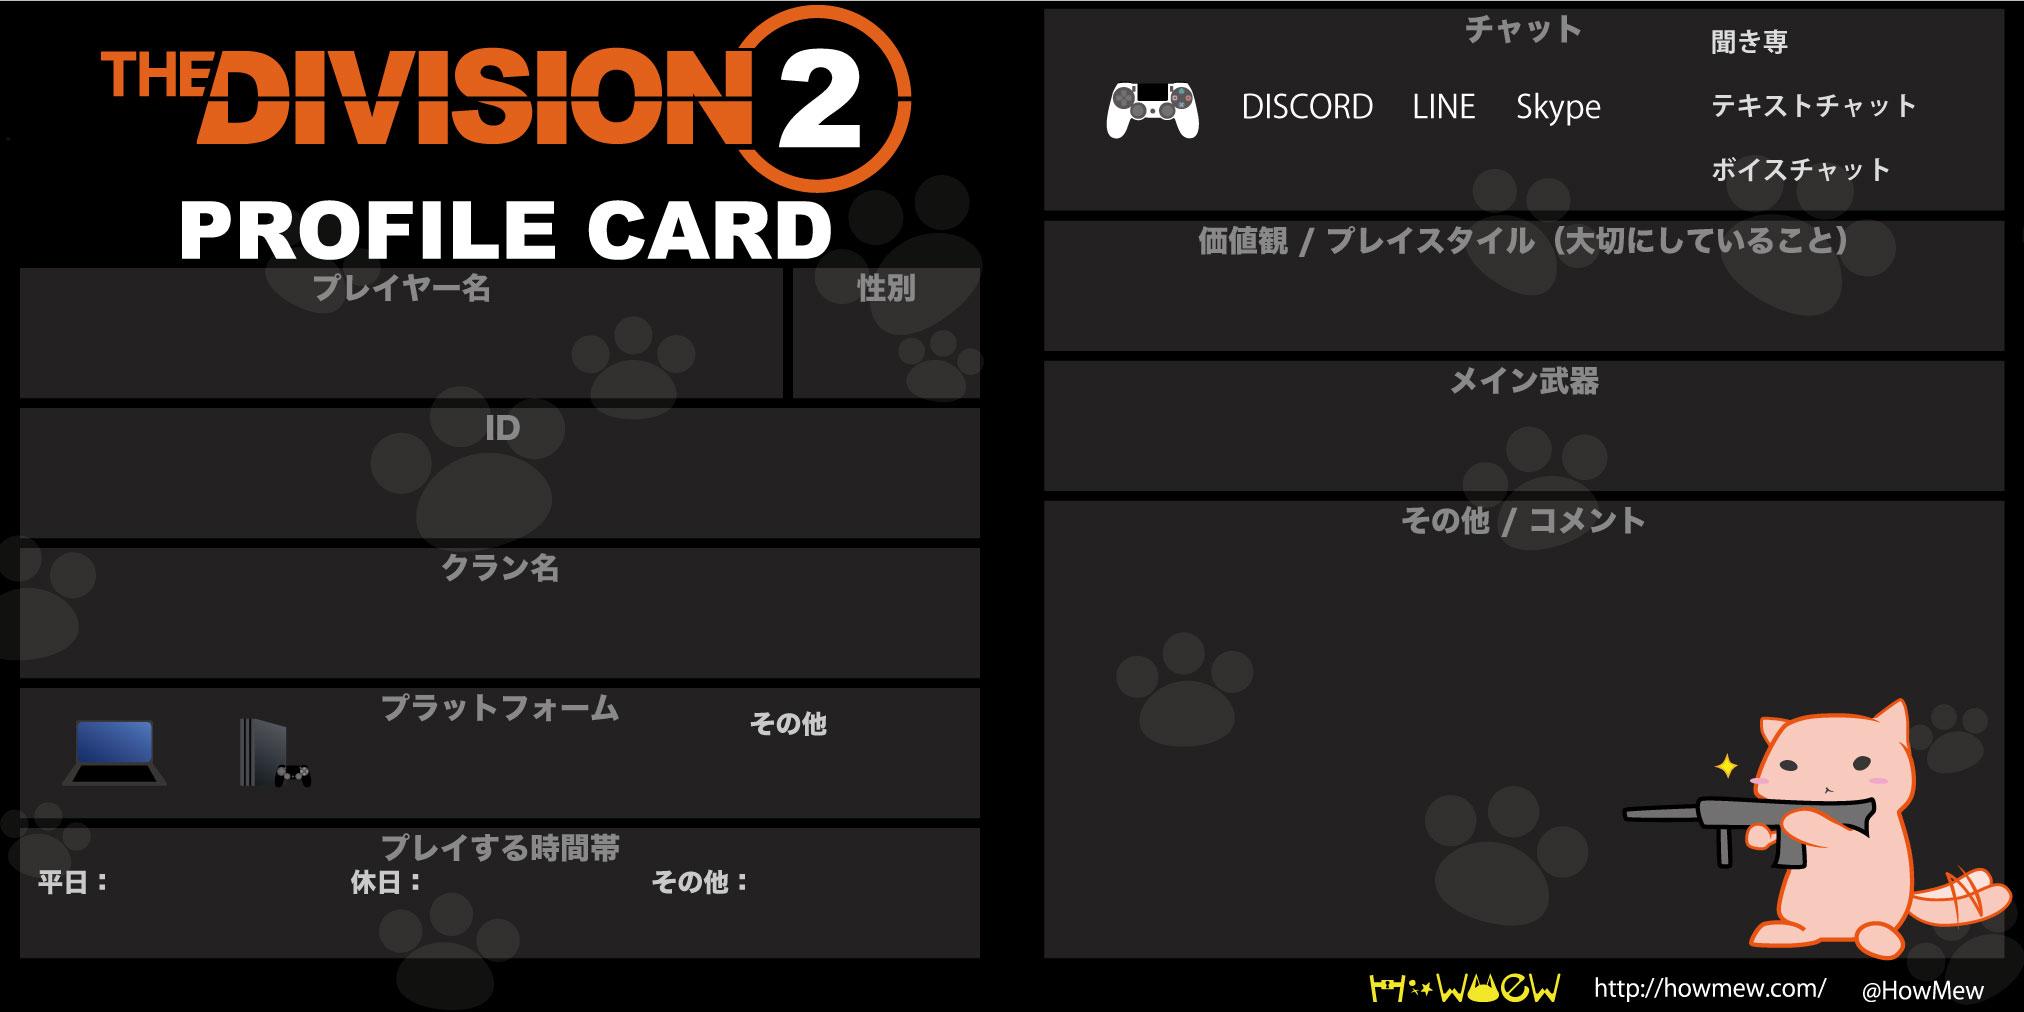 【Divisionディビジョン2】自己紹介カードダウンロード twitter向け